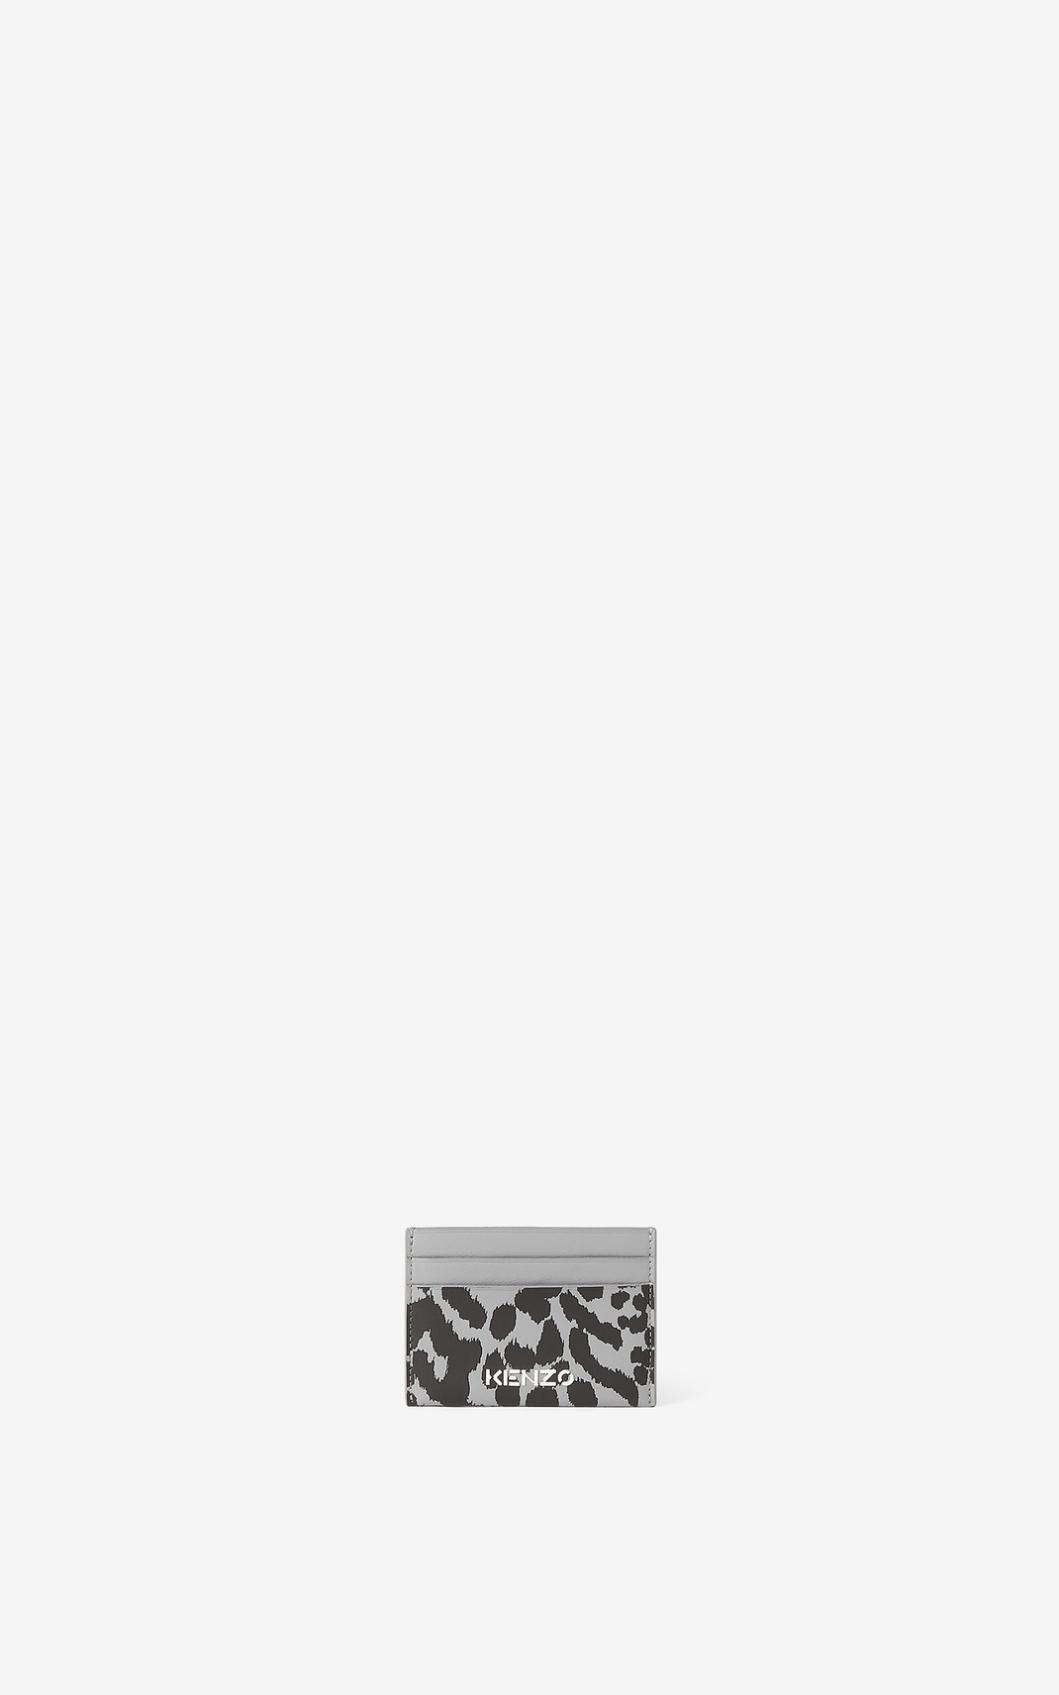 KENZO Porte-cartes en cuir